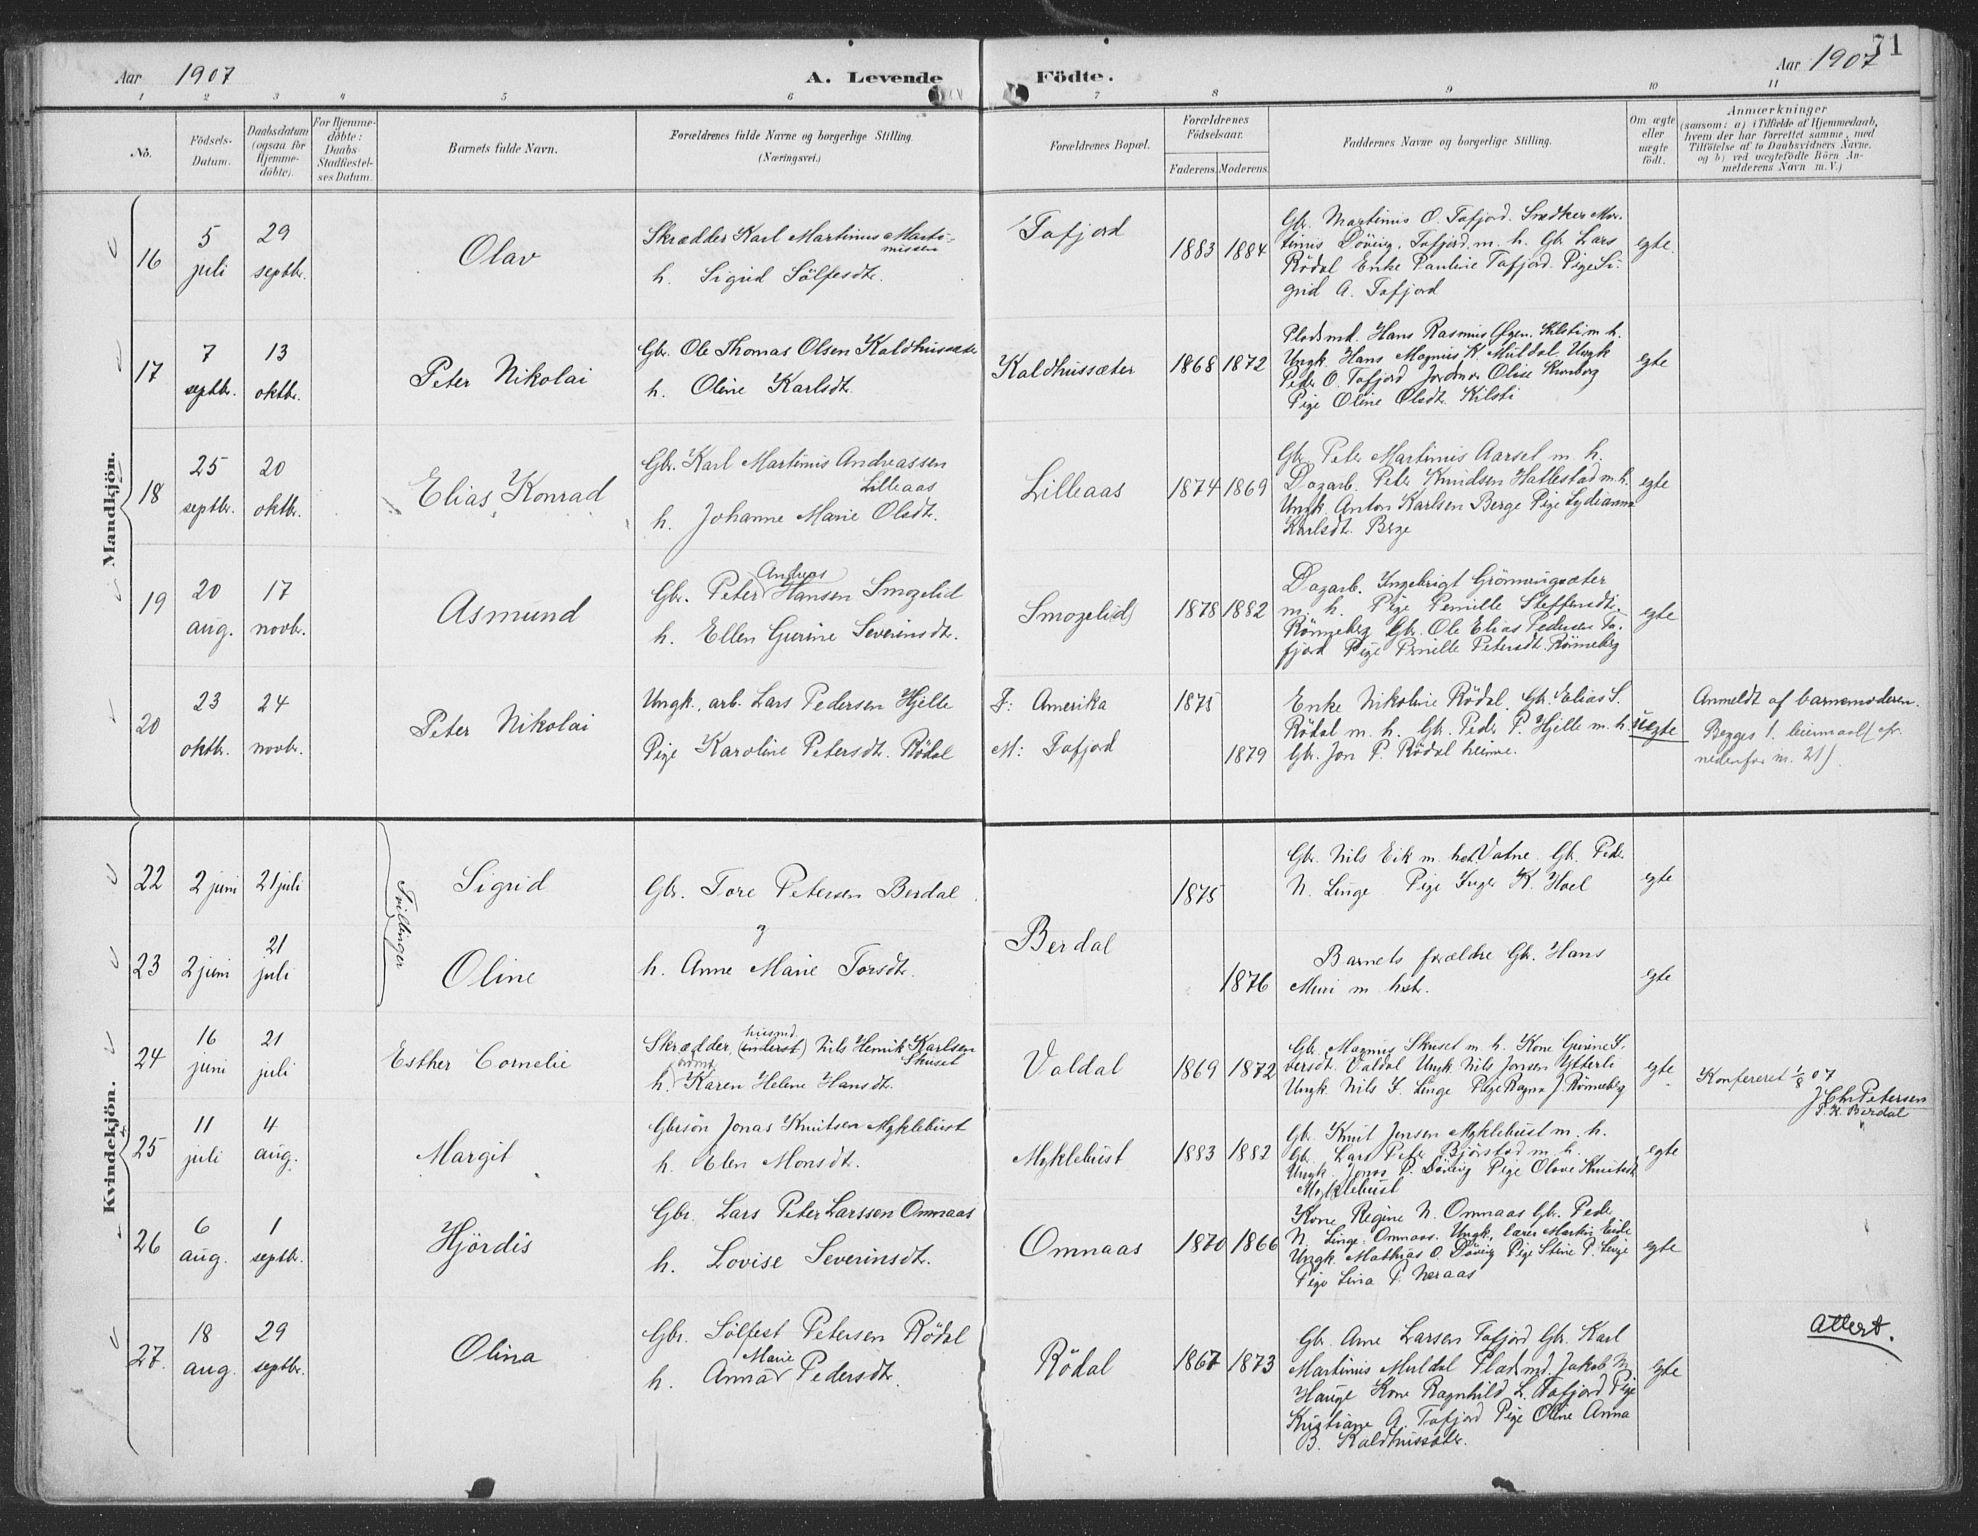 SAT, Ministerialprotokoller, klokkerbøker og fødselsregistre - Møre og Romsdal, 519/L0256: Ministerialbok nr. 519A15, 1895-1912, s. 71